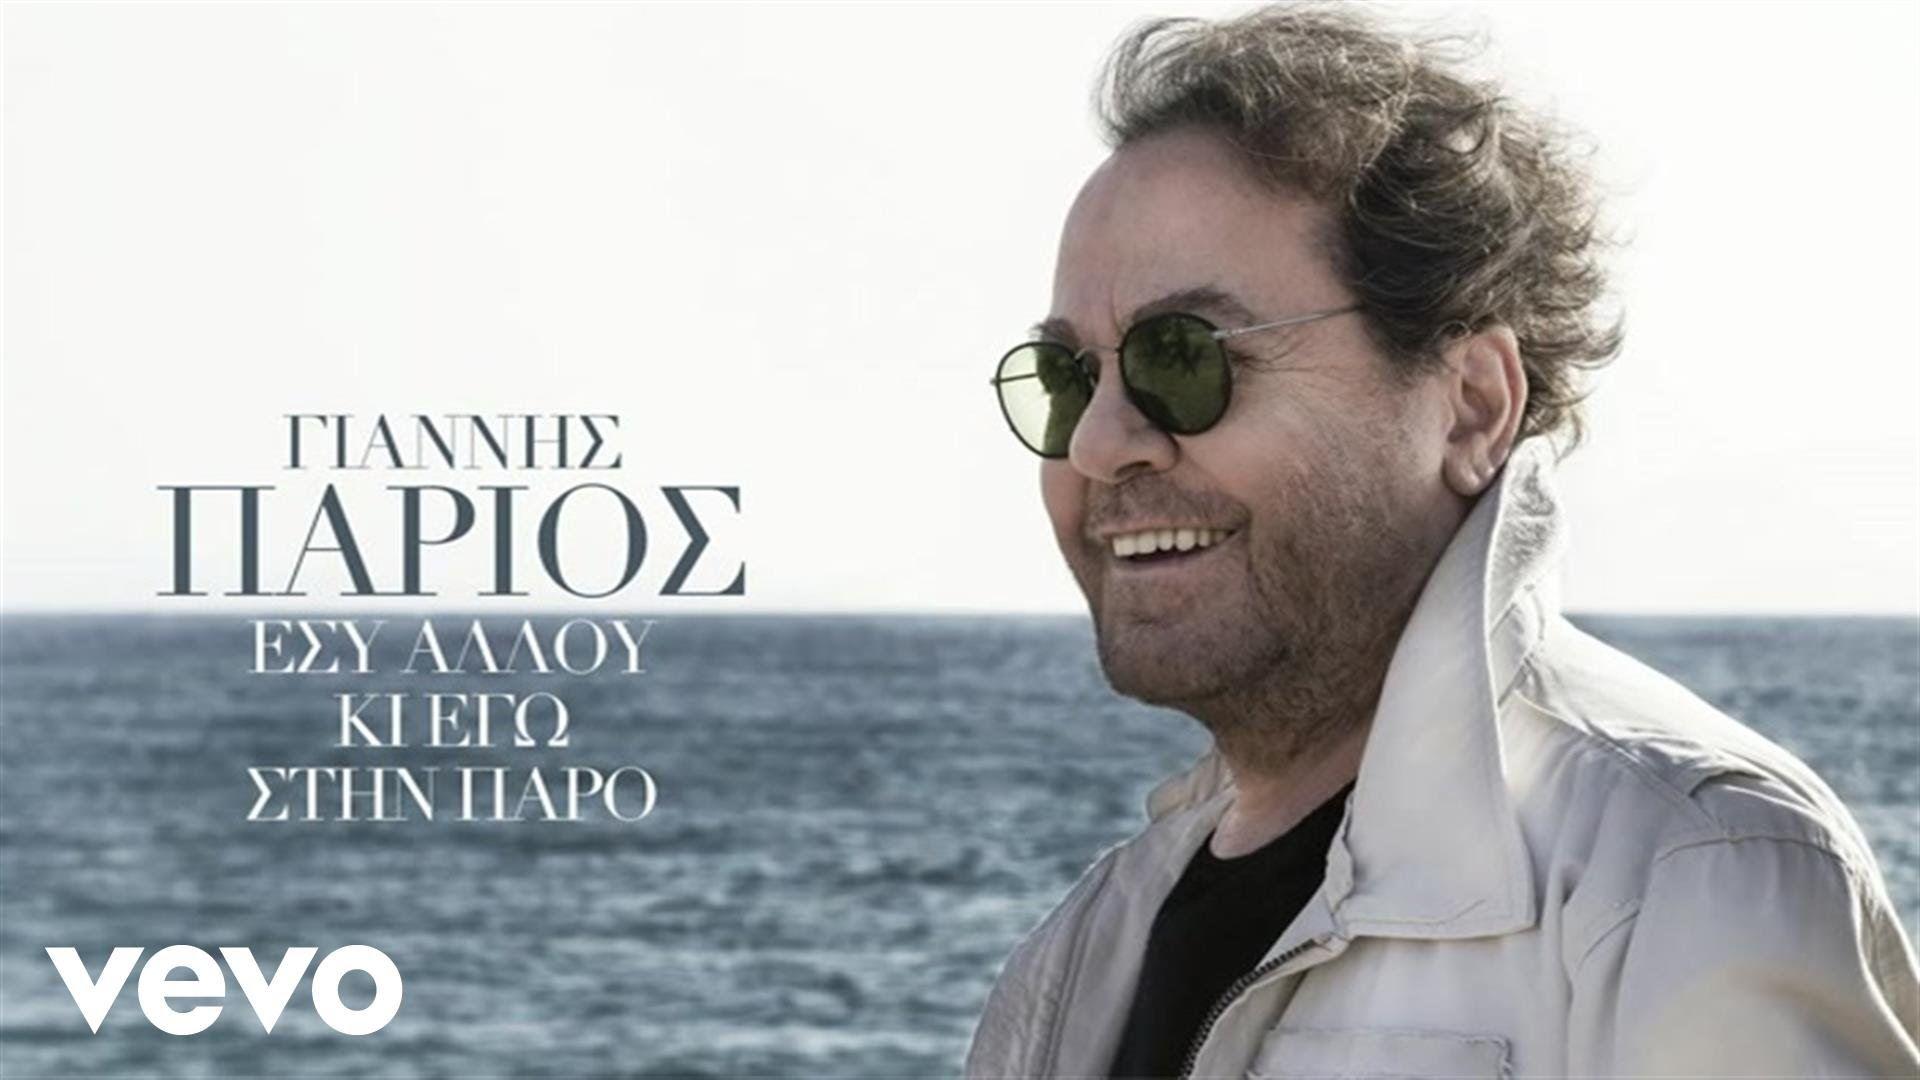 Γιάννης Πάριος - Εσύ Αλλού Κι Εγώ Στην Πάρο http://umusic.ly/parios-esi-allou…